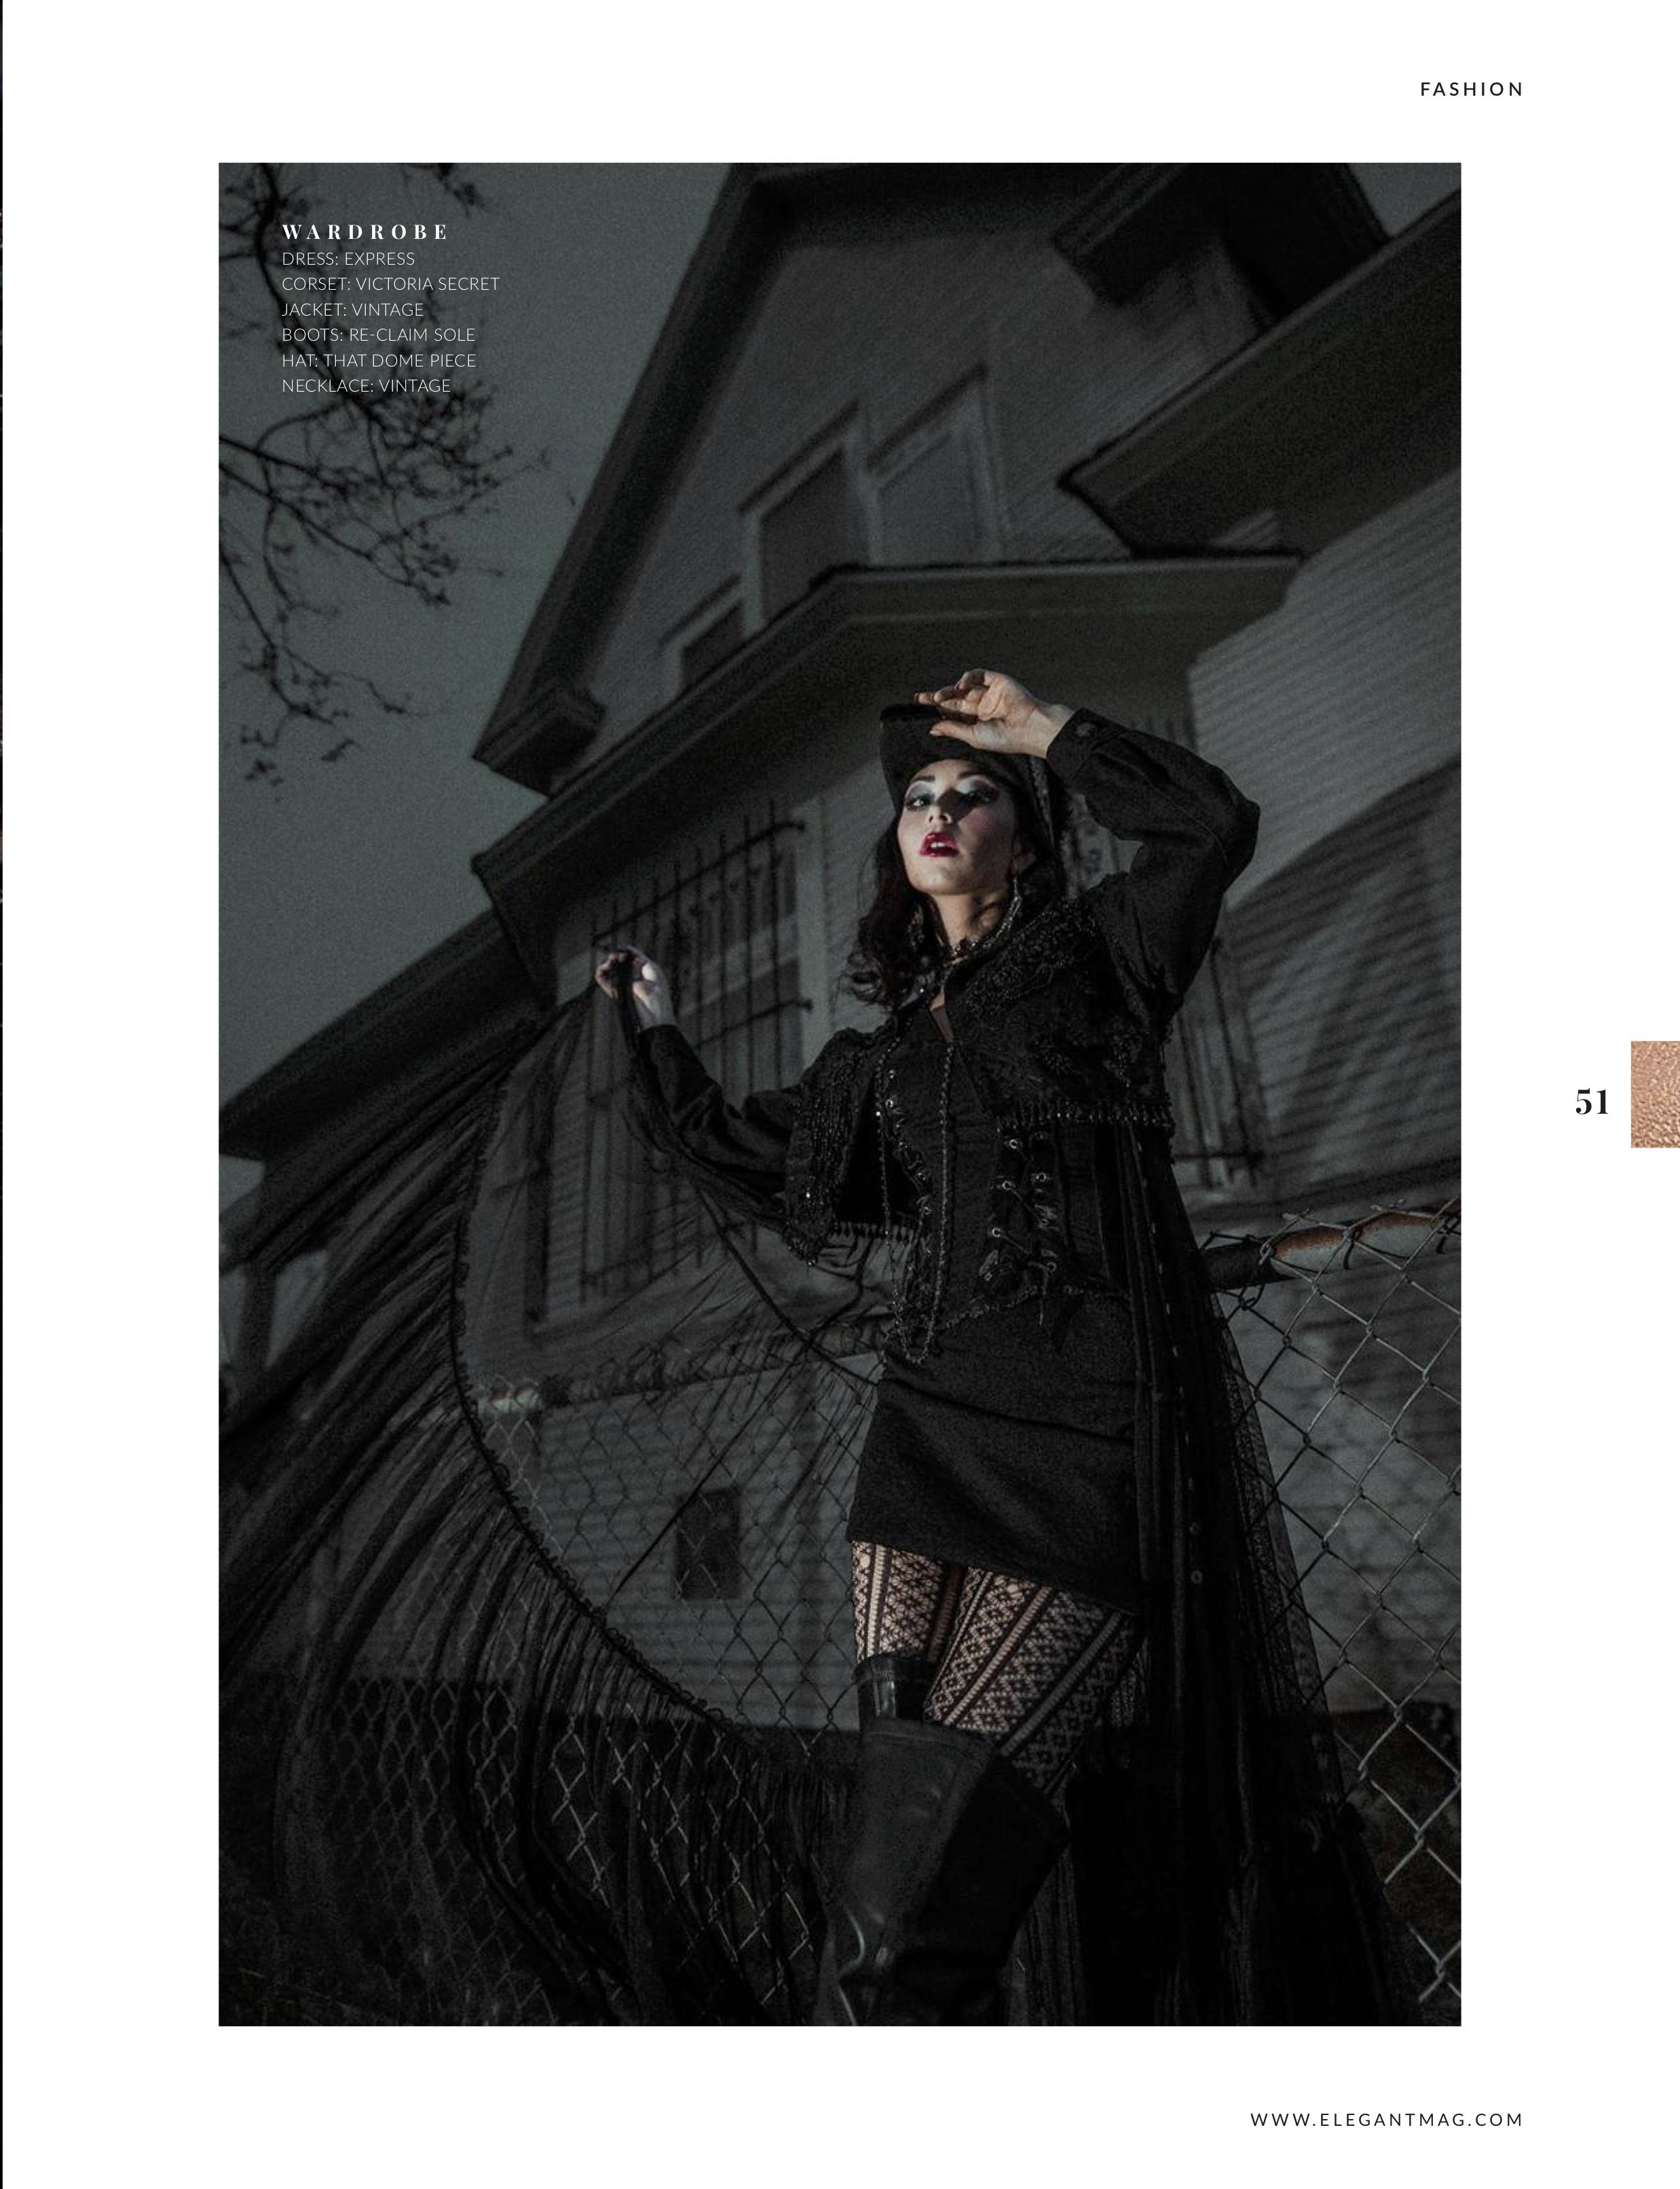 ELEGANT MAGAZINE Vol 61 No 18 - 51.jpg